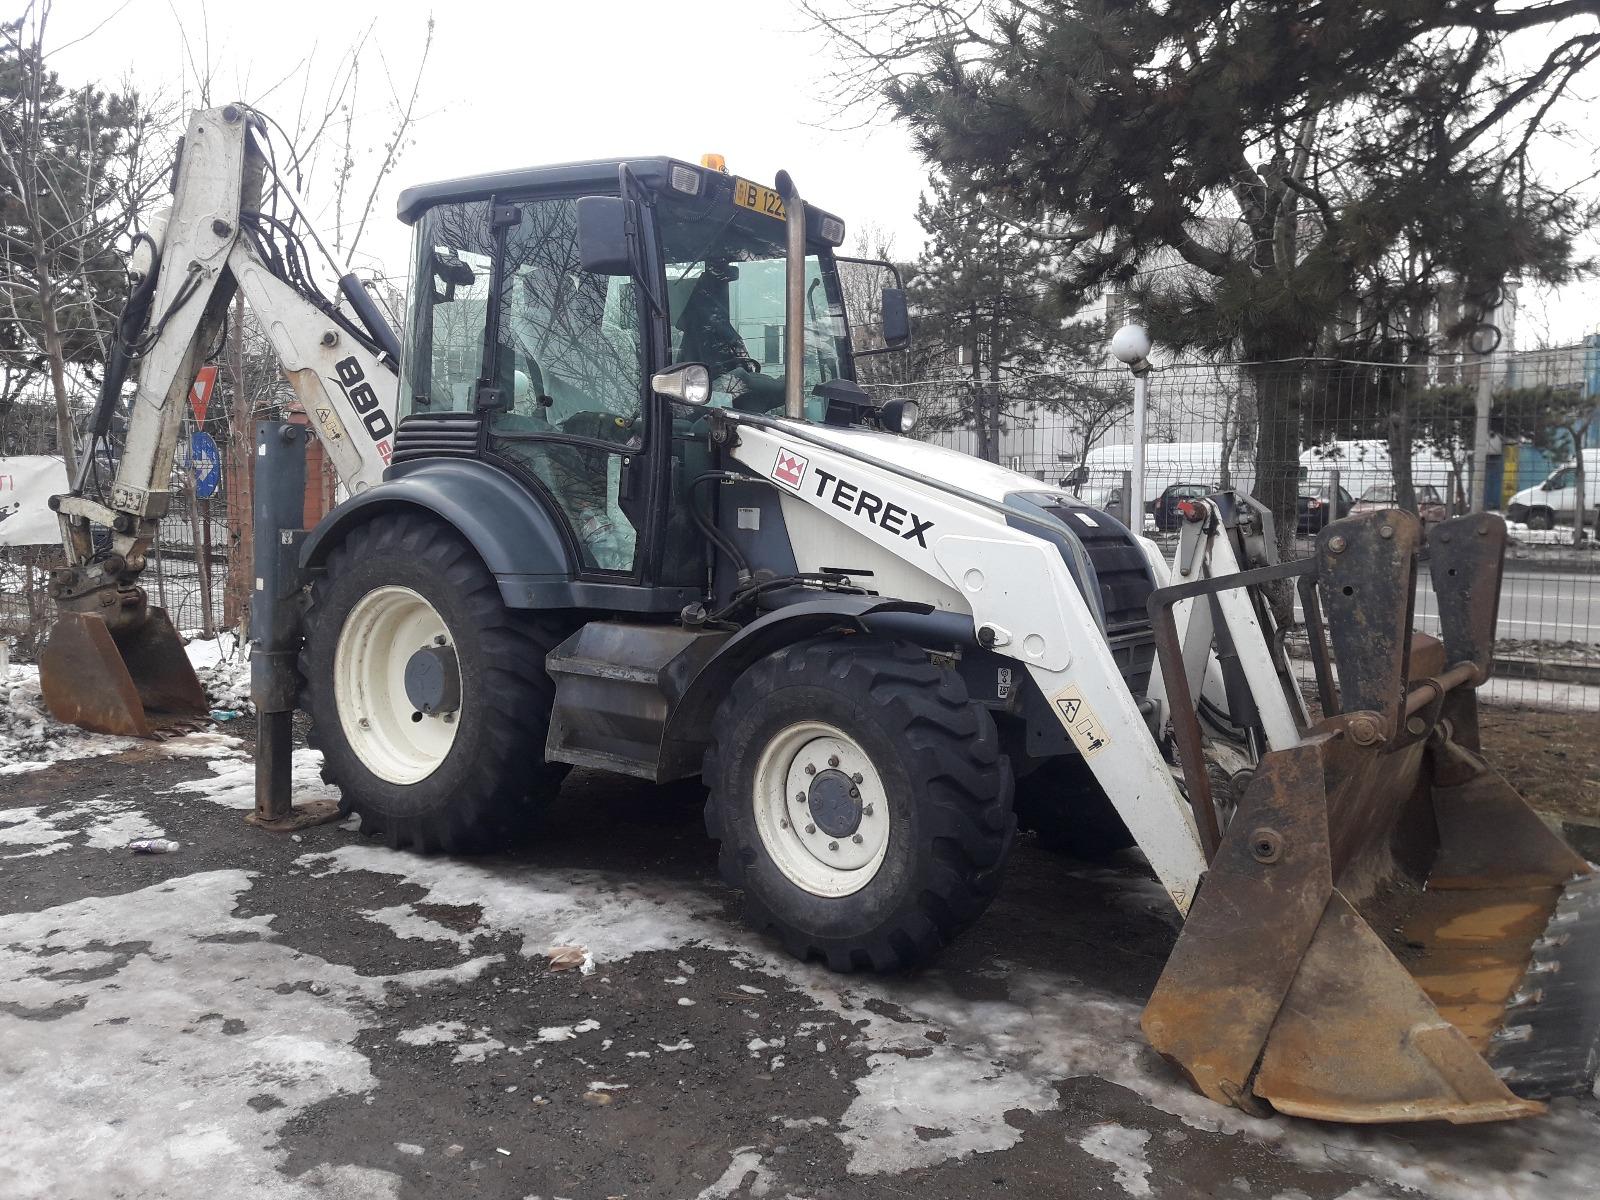 inchiriez excavator bucuresti